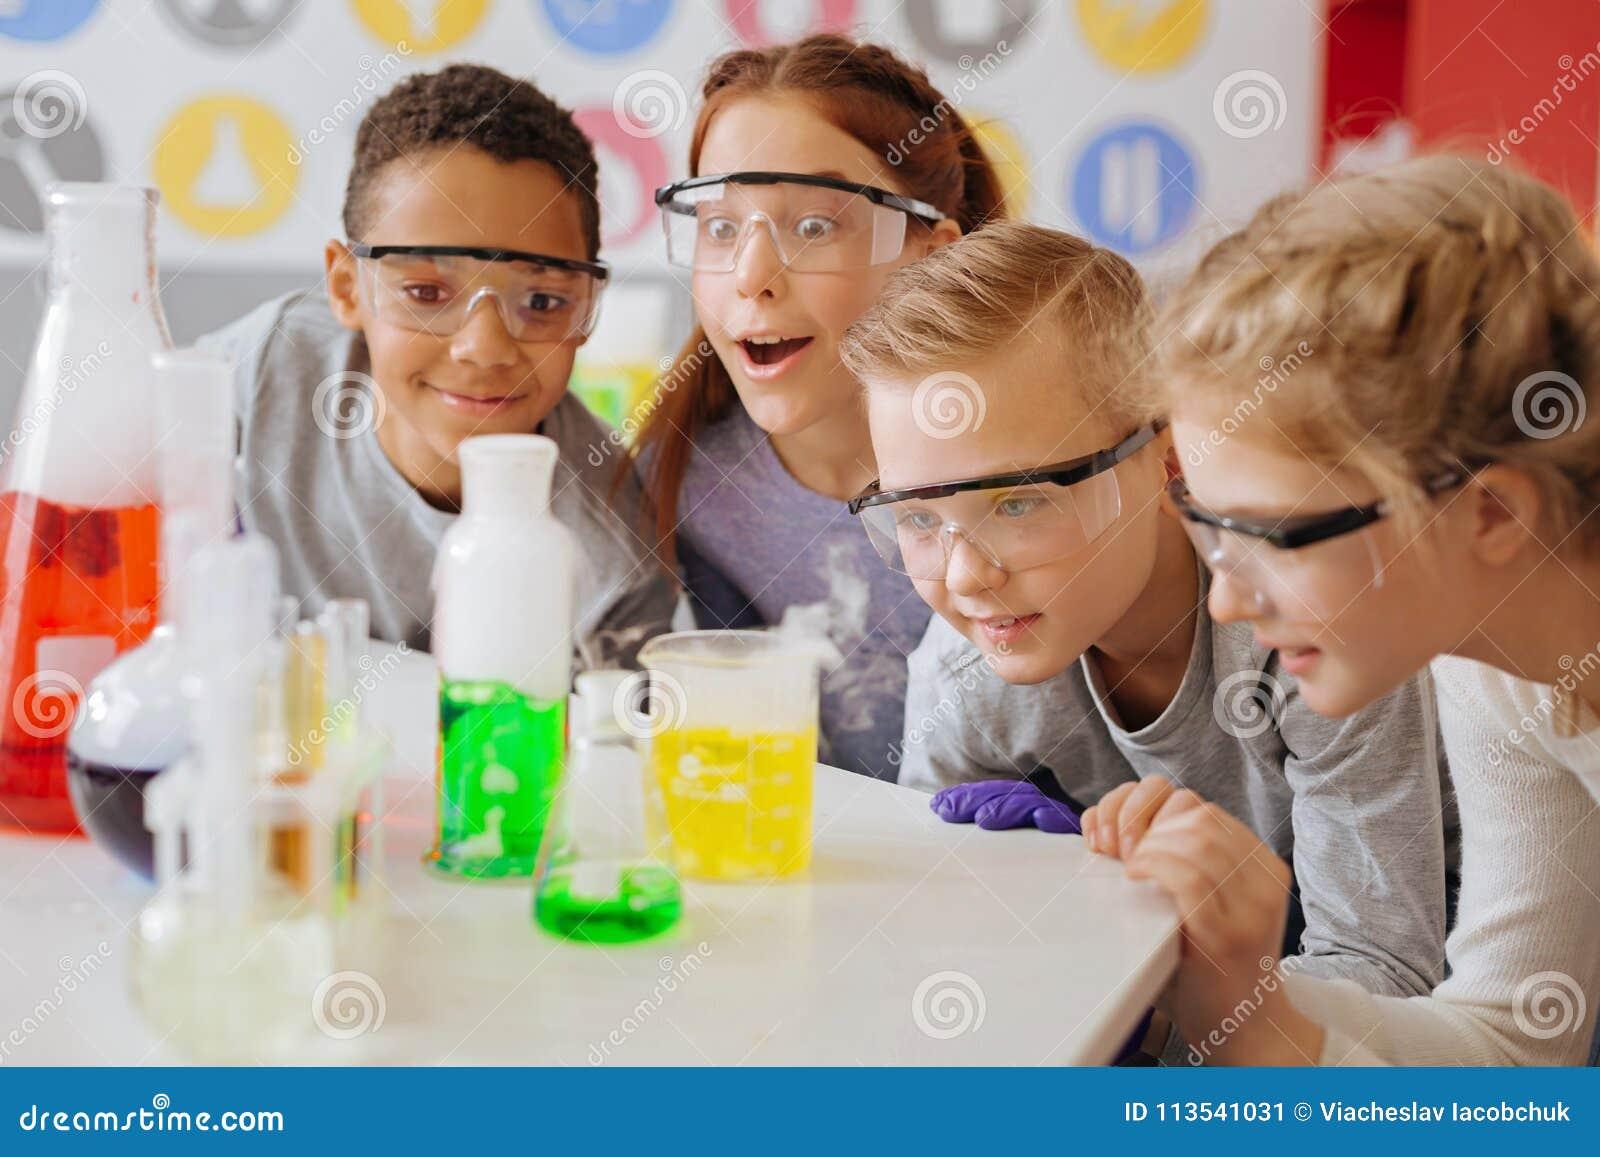 Rozradowani nastoletni ucznie obserwuje fazę końcową chemiczny eksperyment